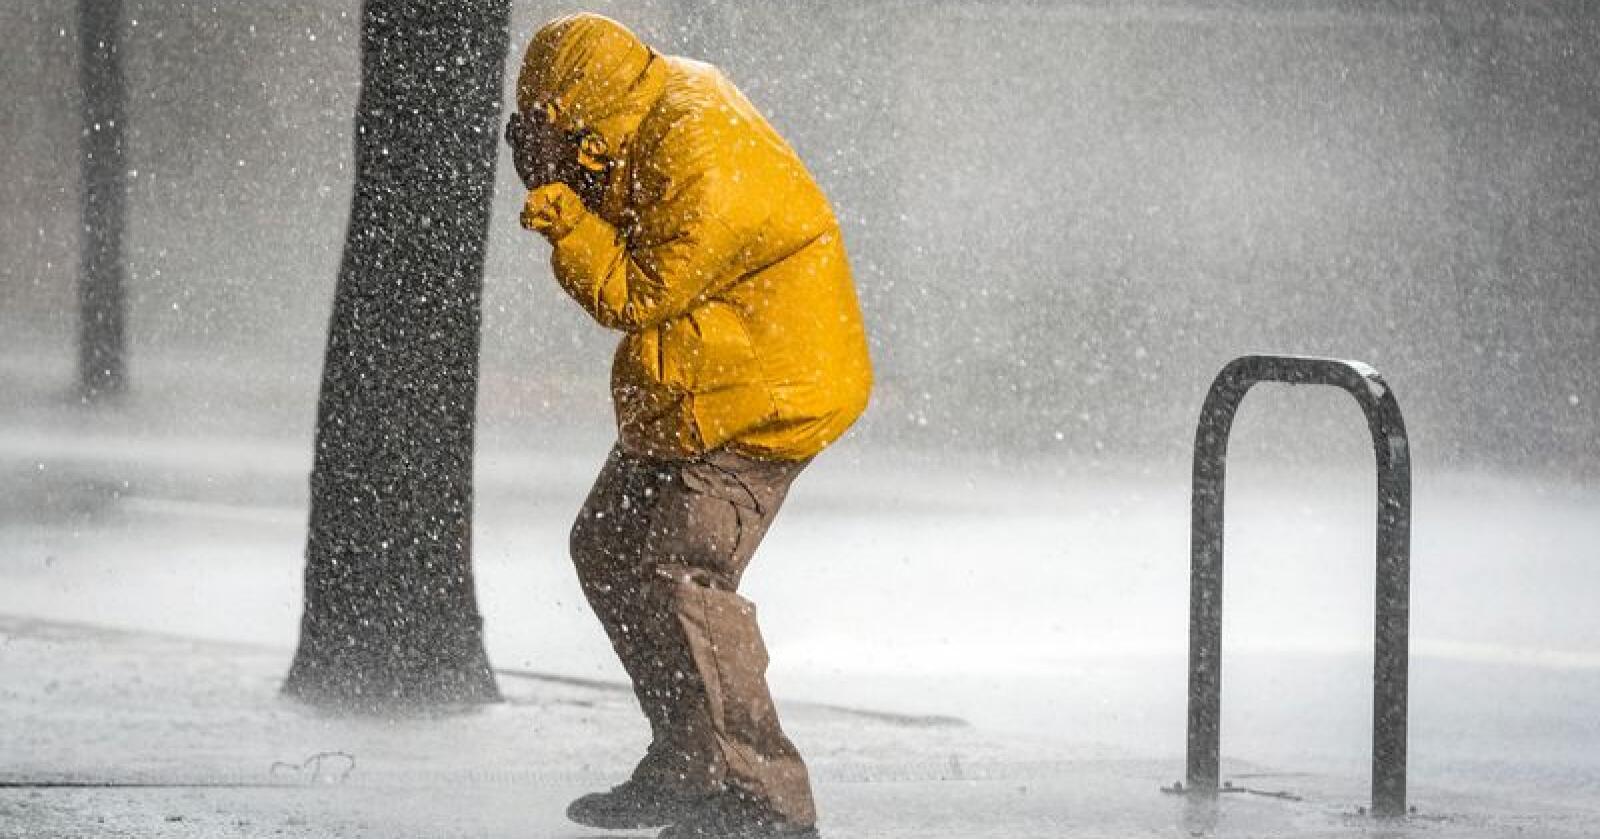 Hustrig: Orkanen Michael, som herjet på USAs østkyst i forrige uke, er den siste i en rekke stadig sterkere orkaner som har kommet hylende ut av Atlanterhavet de siste årene. Foto: Andrew Dye/ Winston-Salem Journal via AP / NTB Scanpix